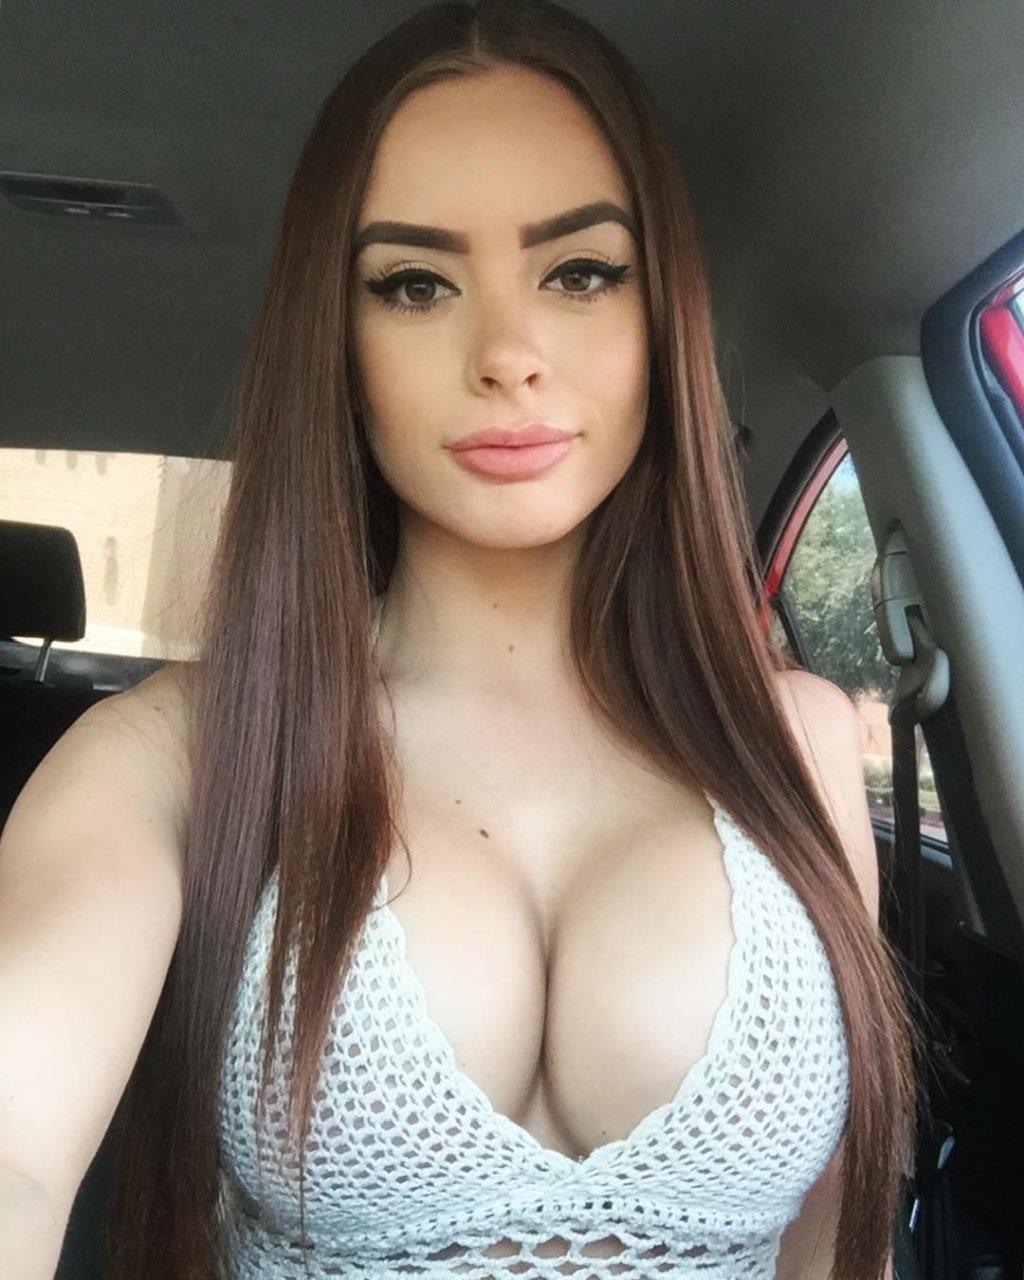 Allison.parker22